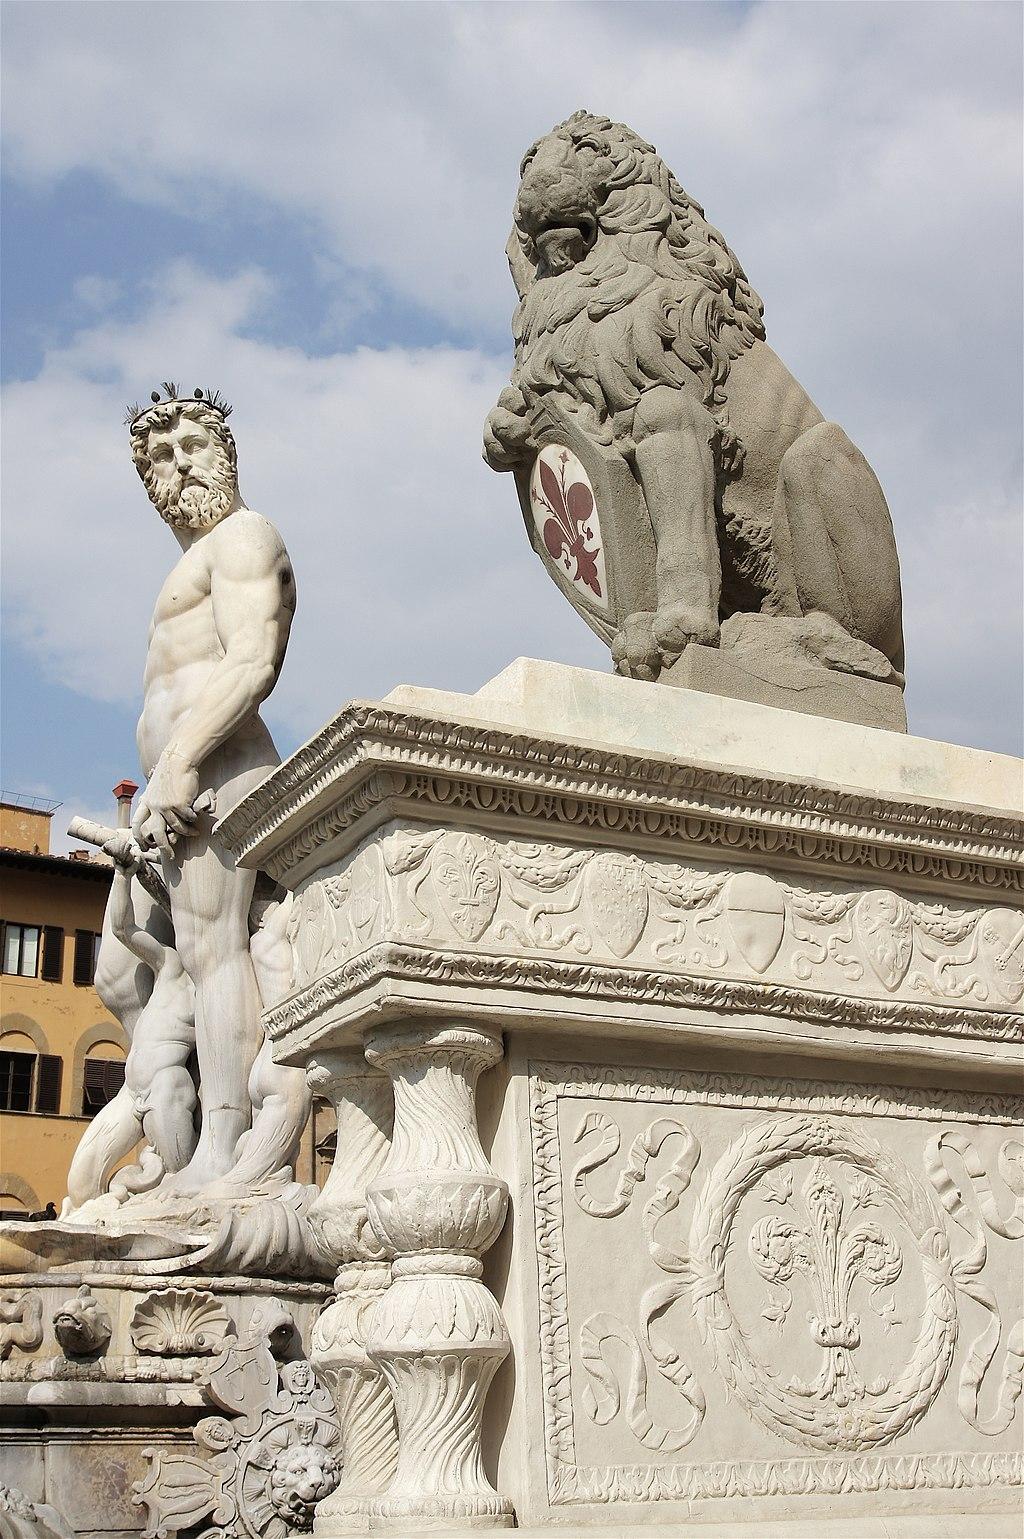 Marzocco en Neptunus, Piazza della Signoria, Firenze